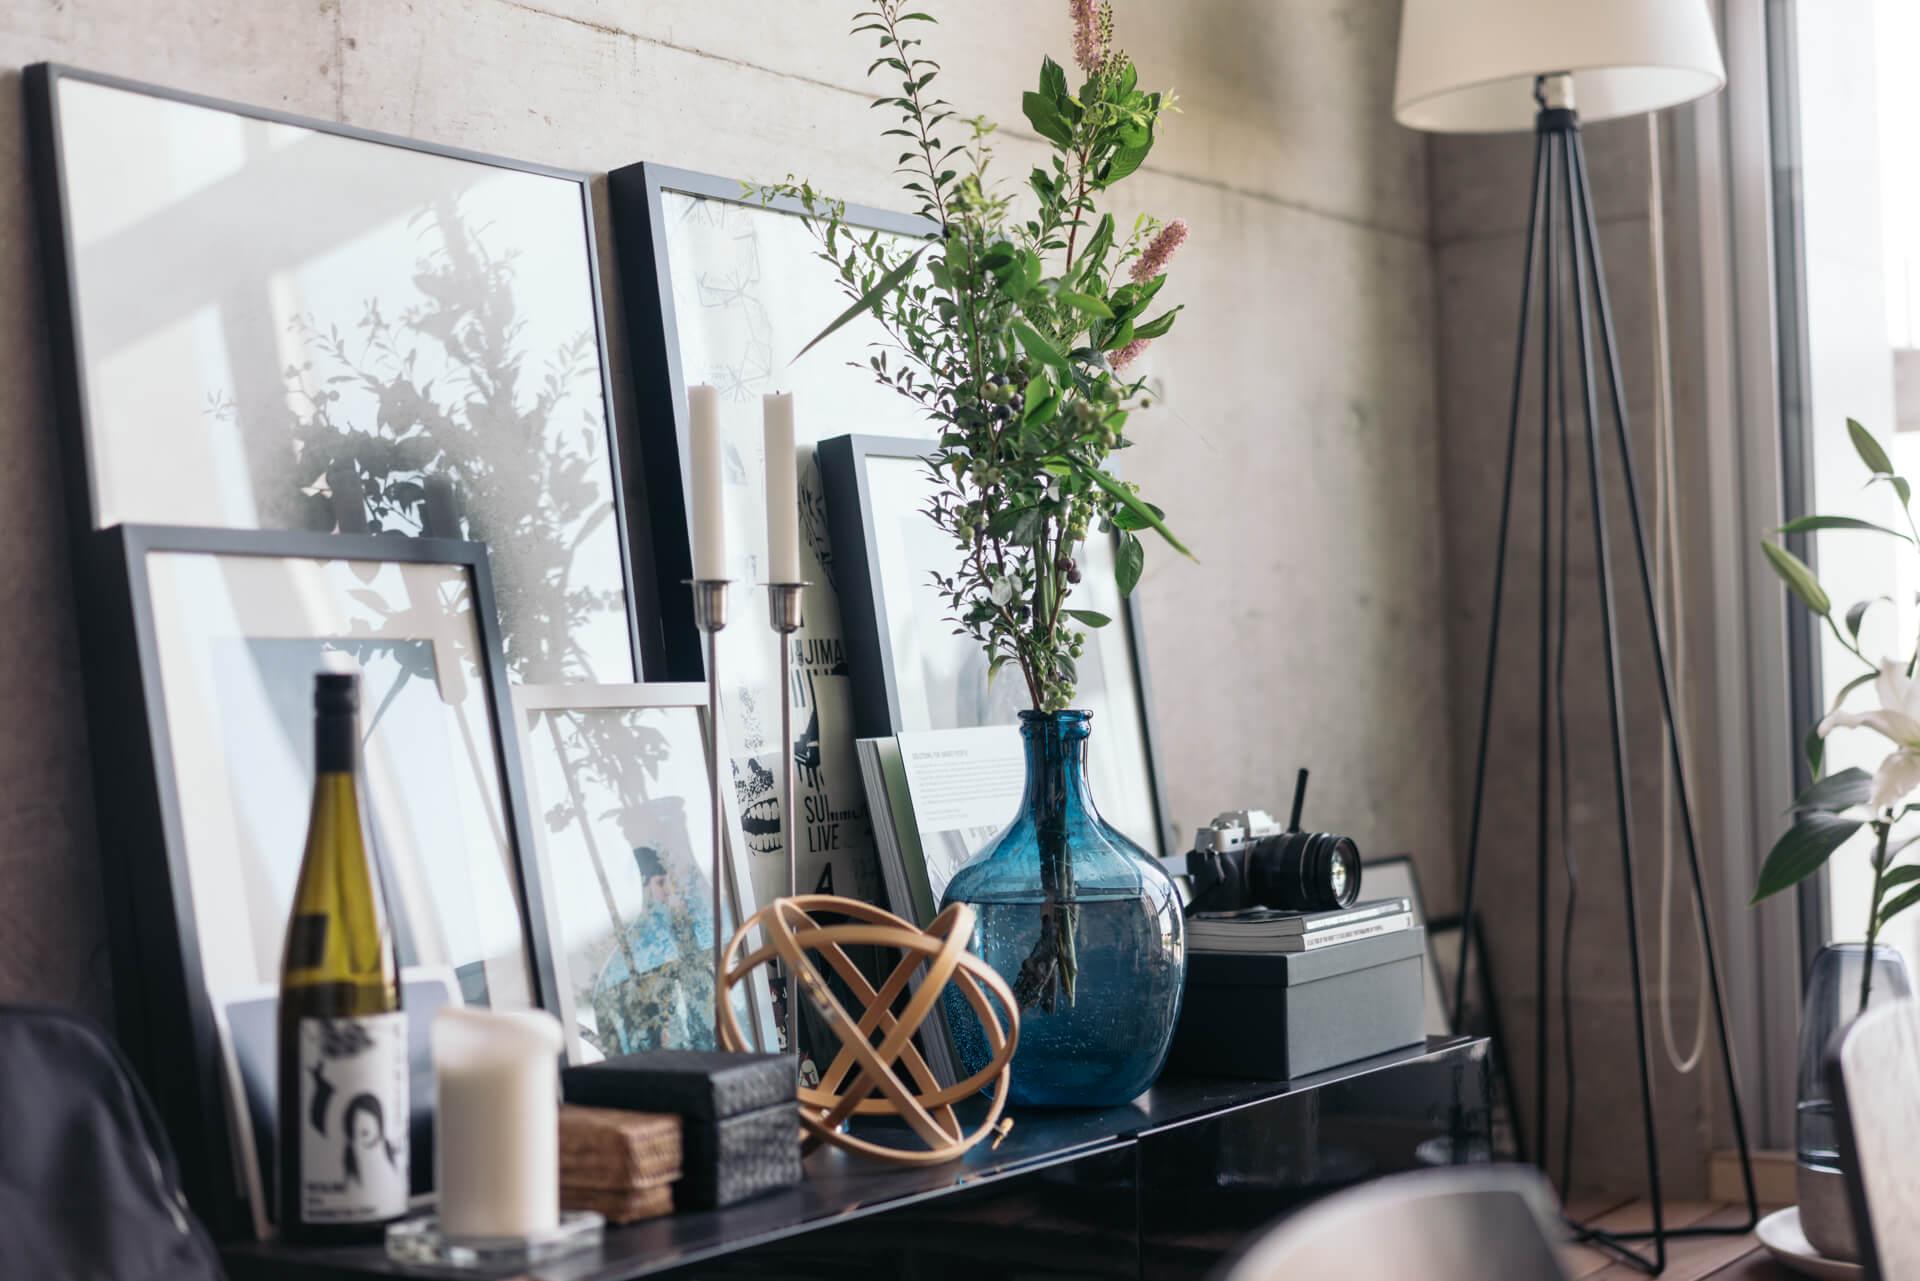 雑貨やグリーンがバランスよく並べられていて、どこのコーナーを眺めていてもちょっとワクワクしてしまう、素敵なお部屋です。